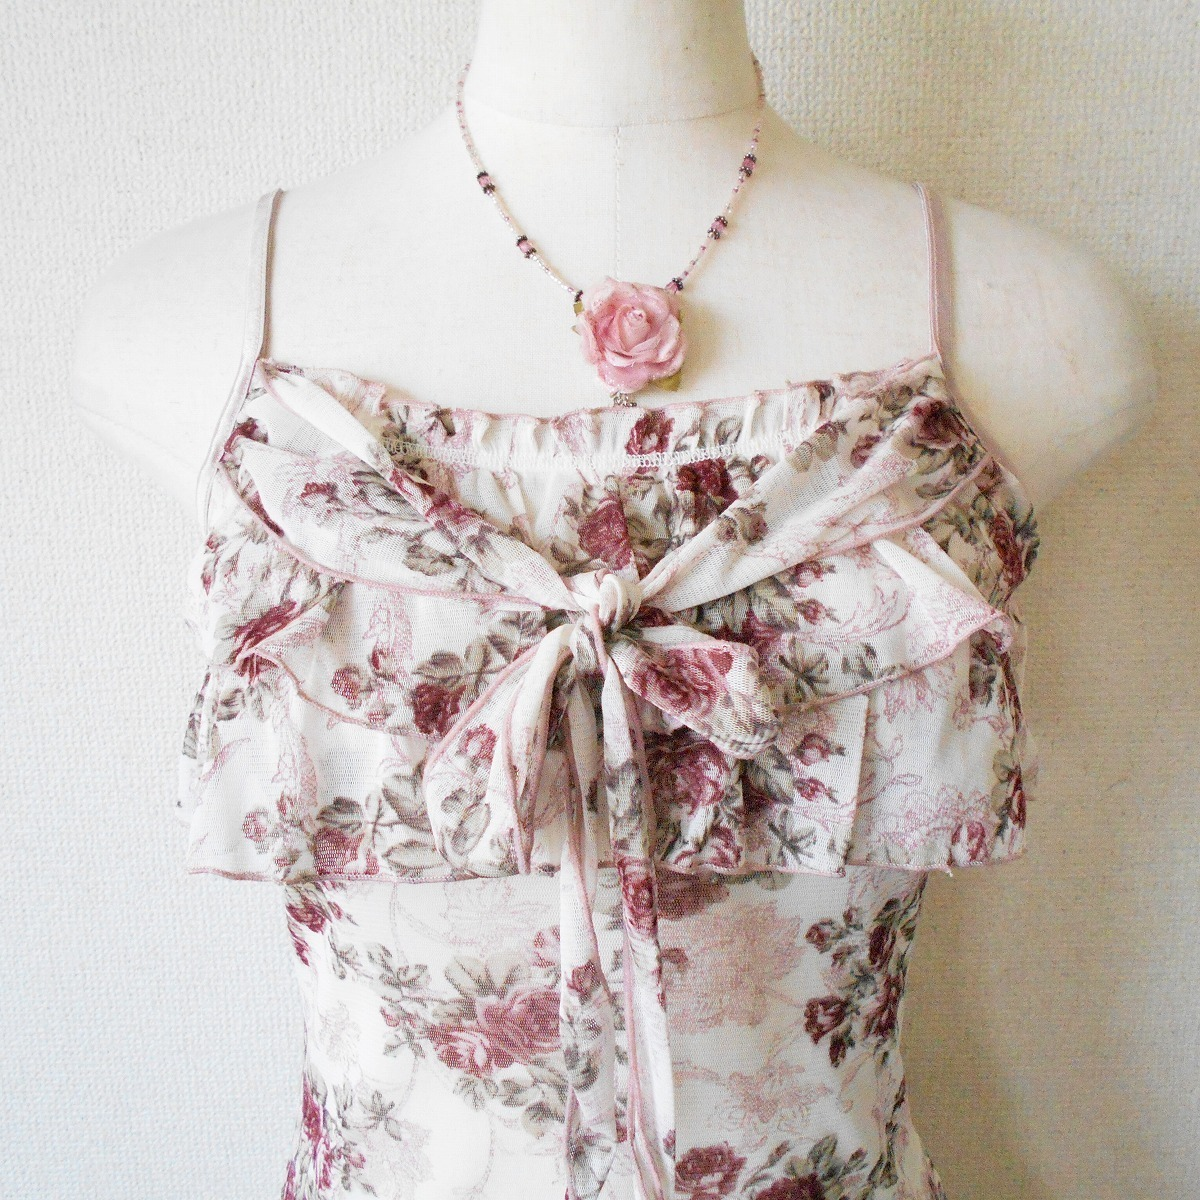 レストローズ LEST ROSE 胸元 フリル の 可愛い チュール キャミソール 日本製 M_画像2